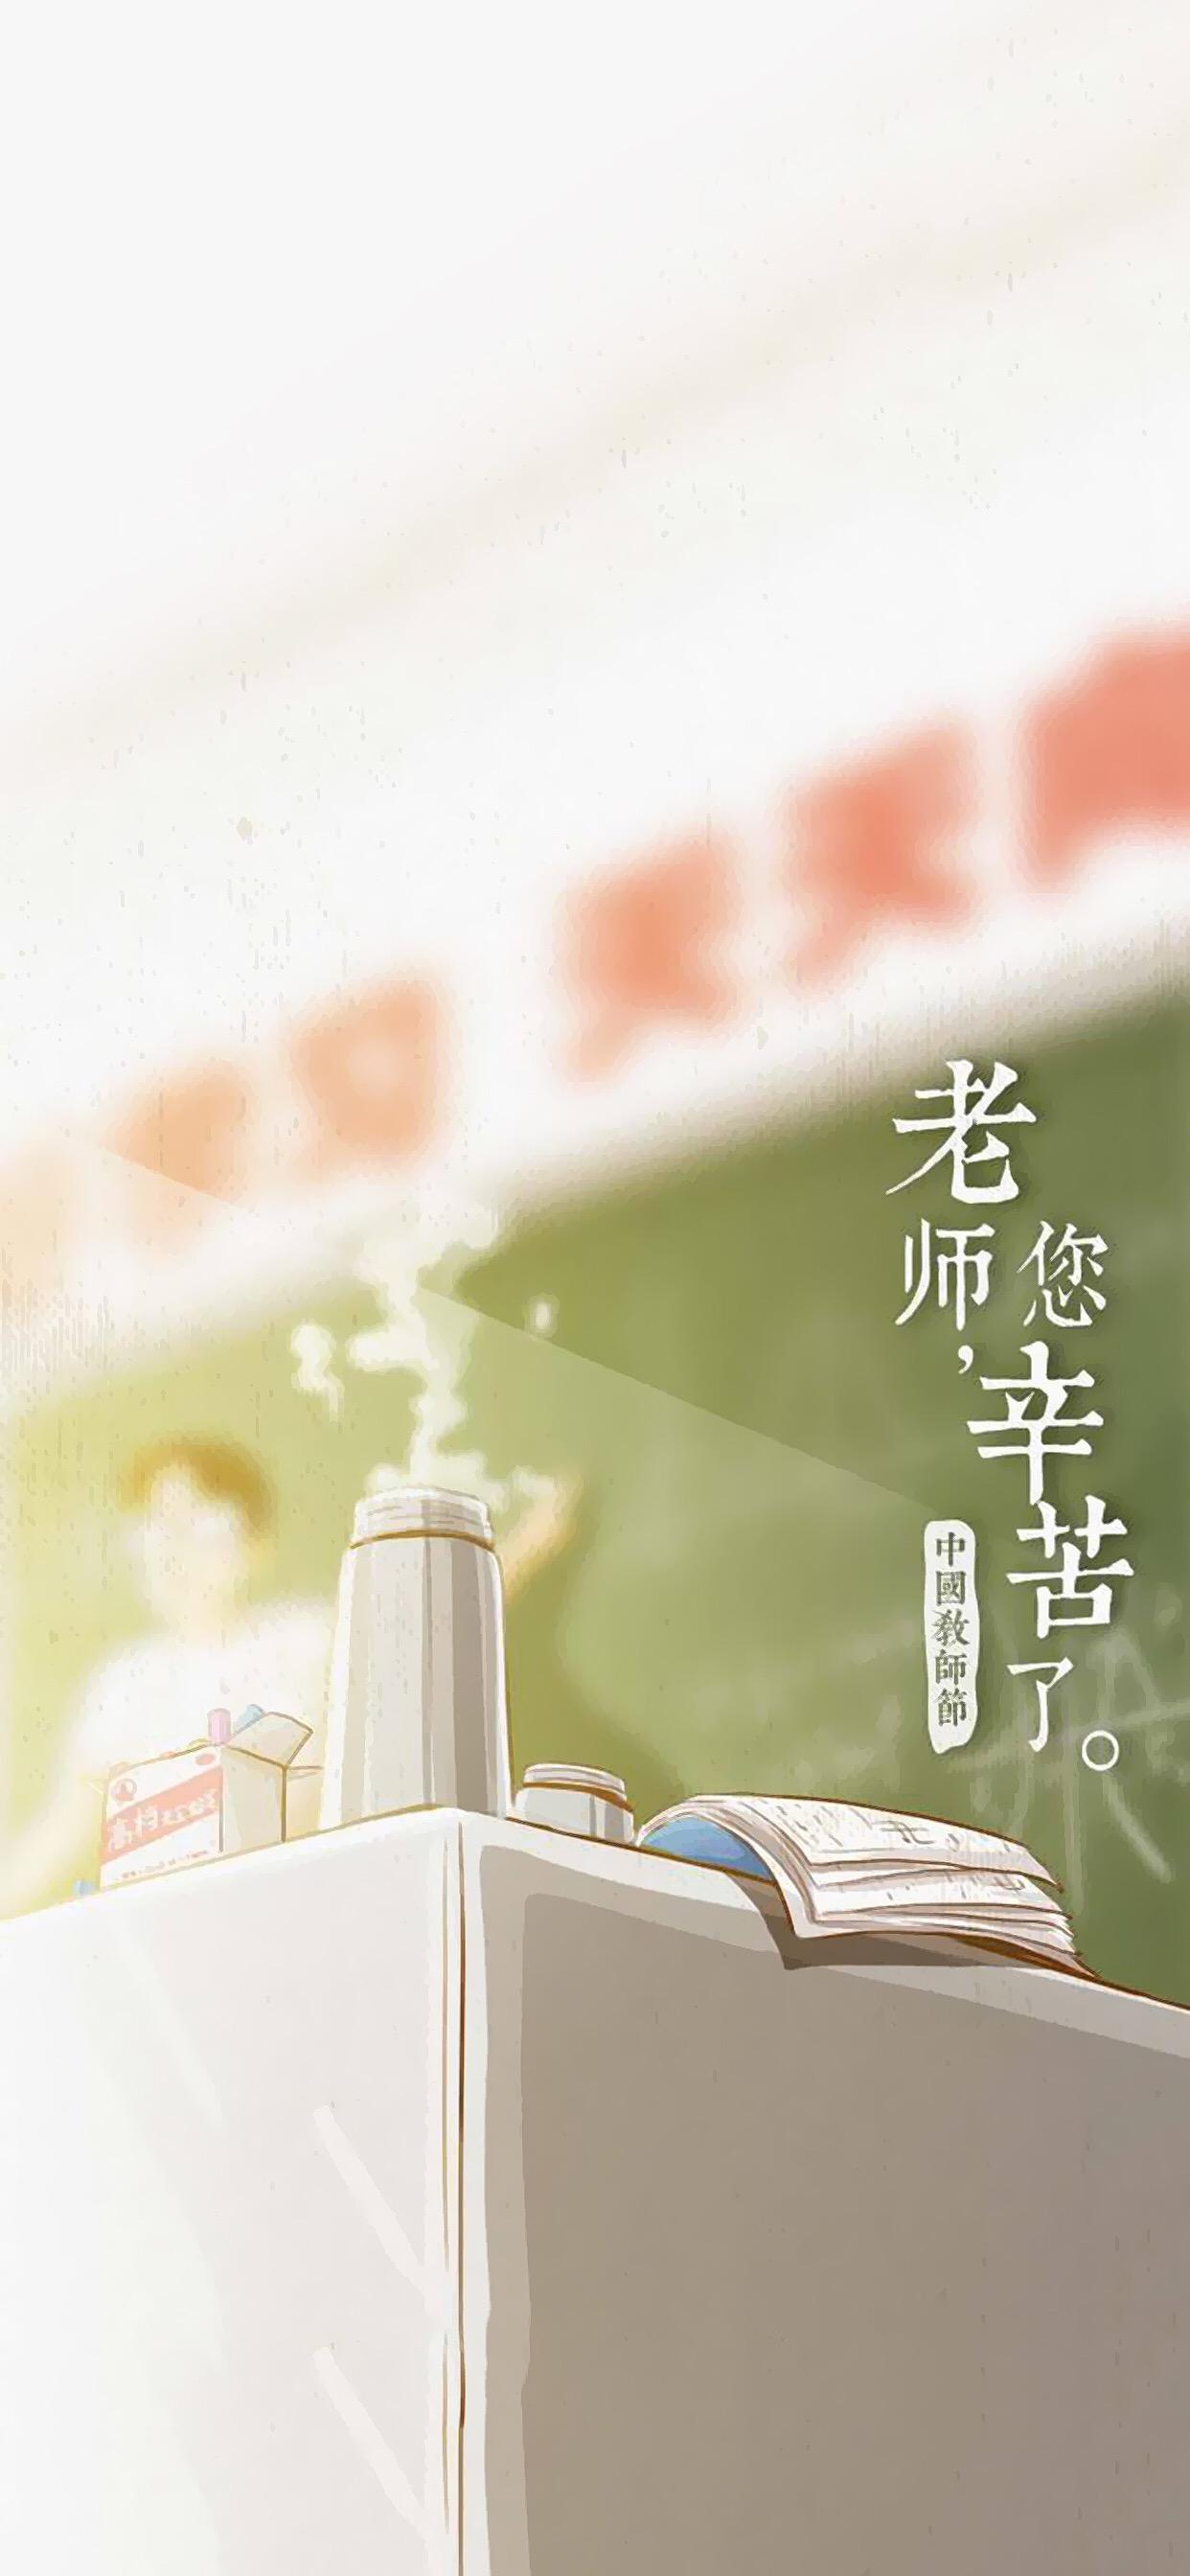 中国教师节4K超清手机壁纸(一)